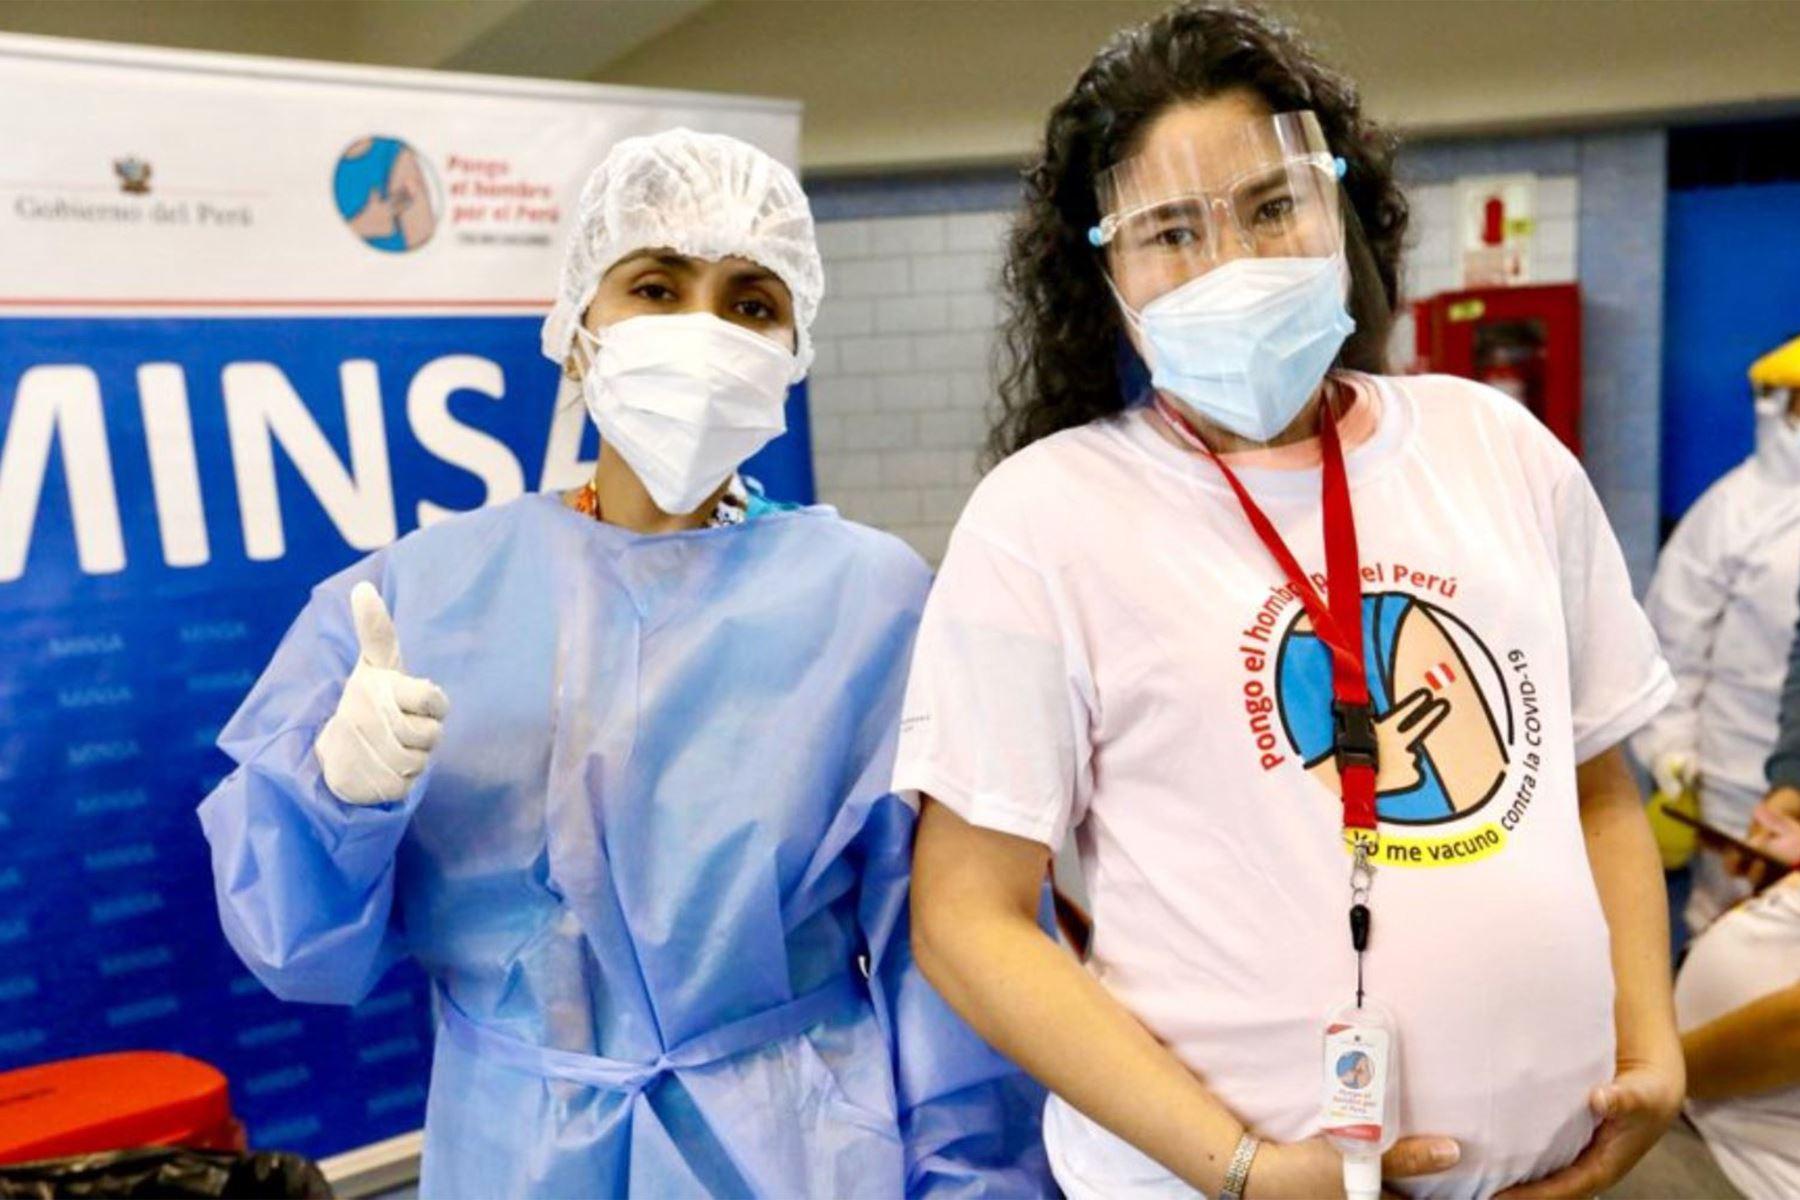 Embarazadas a partir de 12 semanas podrán acercarse a los centros de vacunación a partir de sábado 18. Foto: Difusión